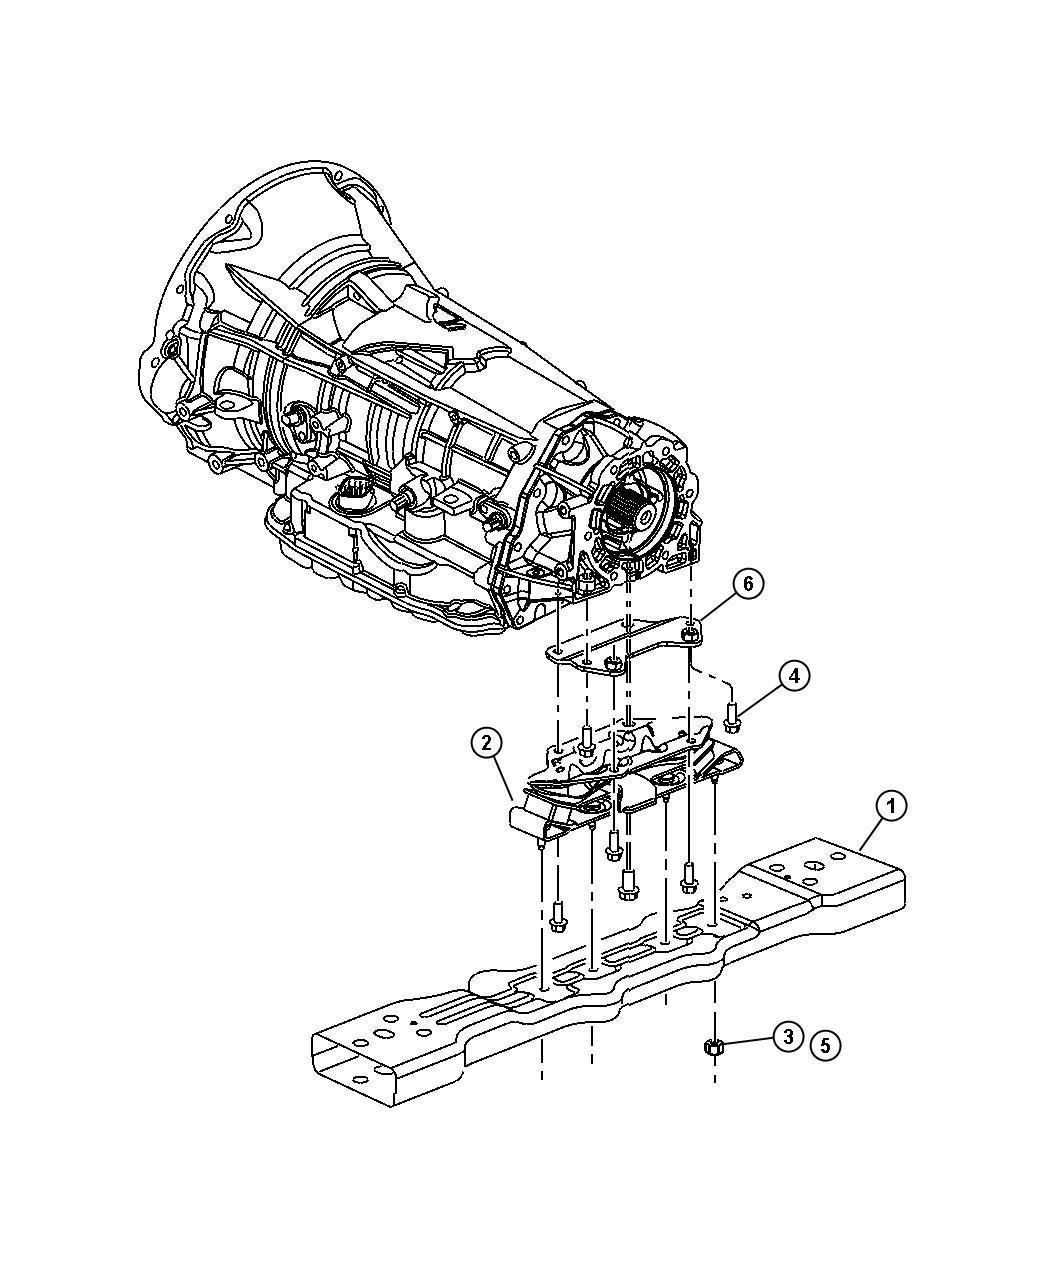 Dodge Avenger Used For Bracket And Insulator